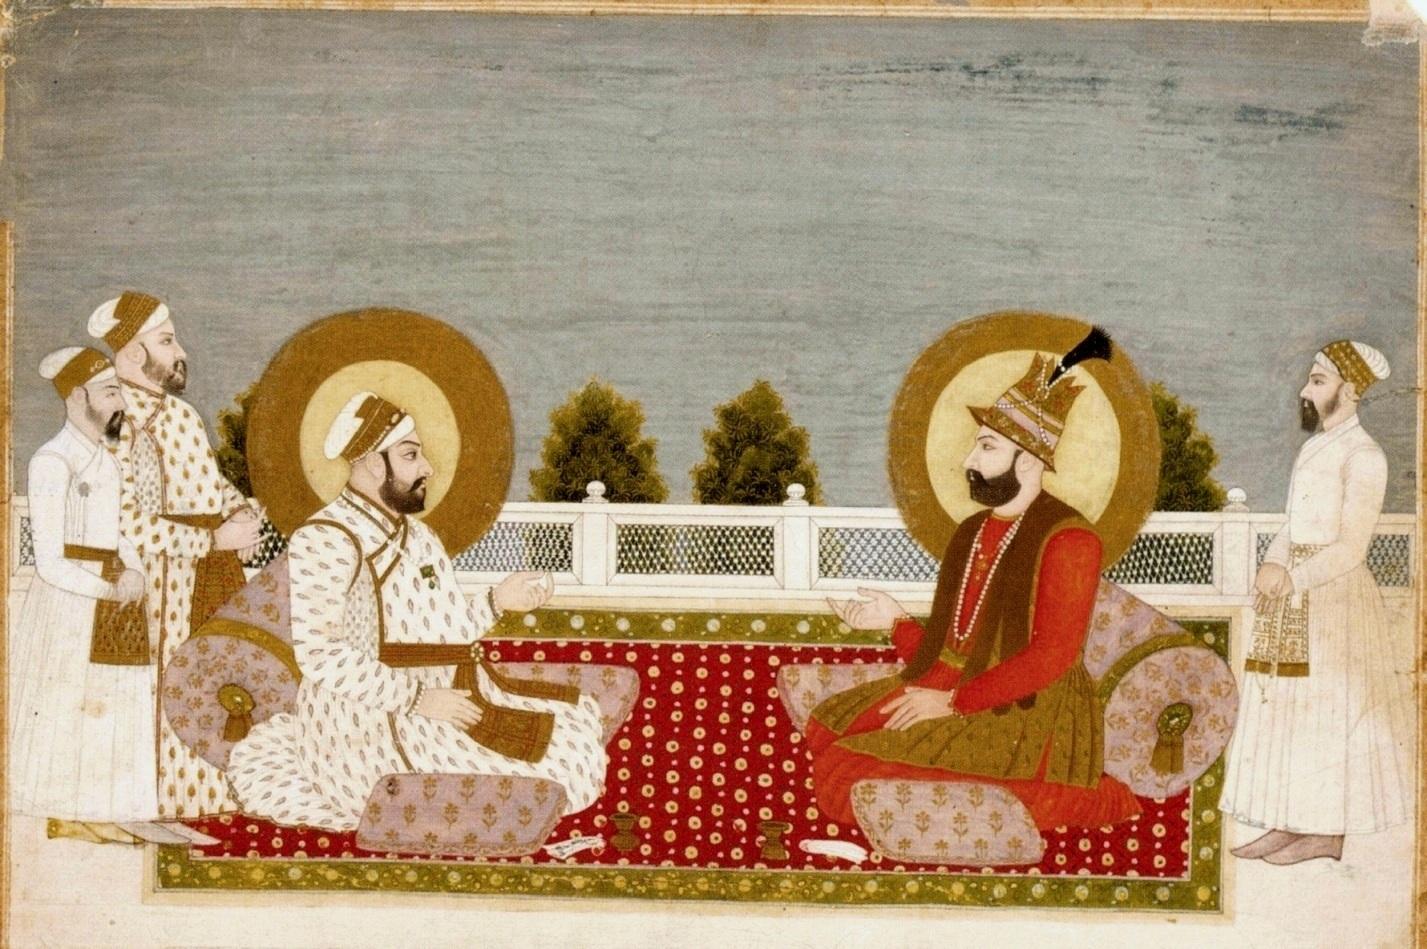 Muhammad Shah Rangila and Nader Shah